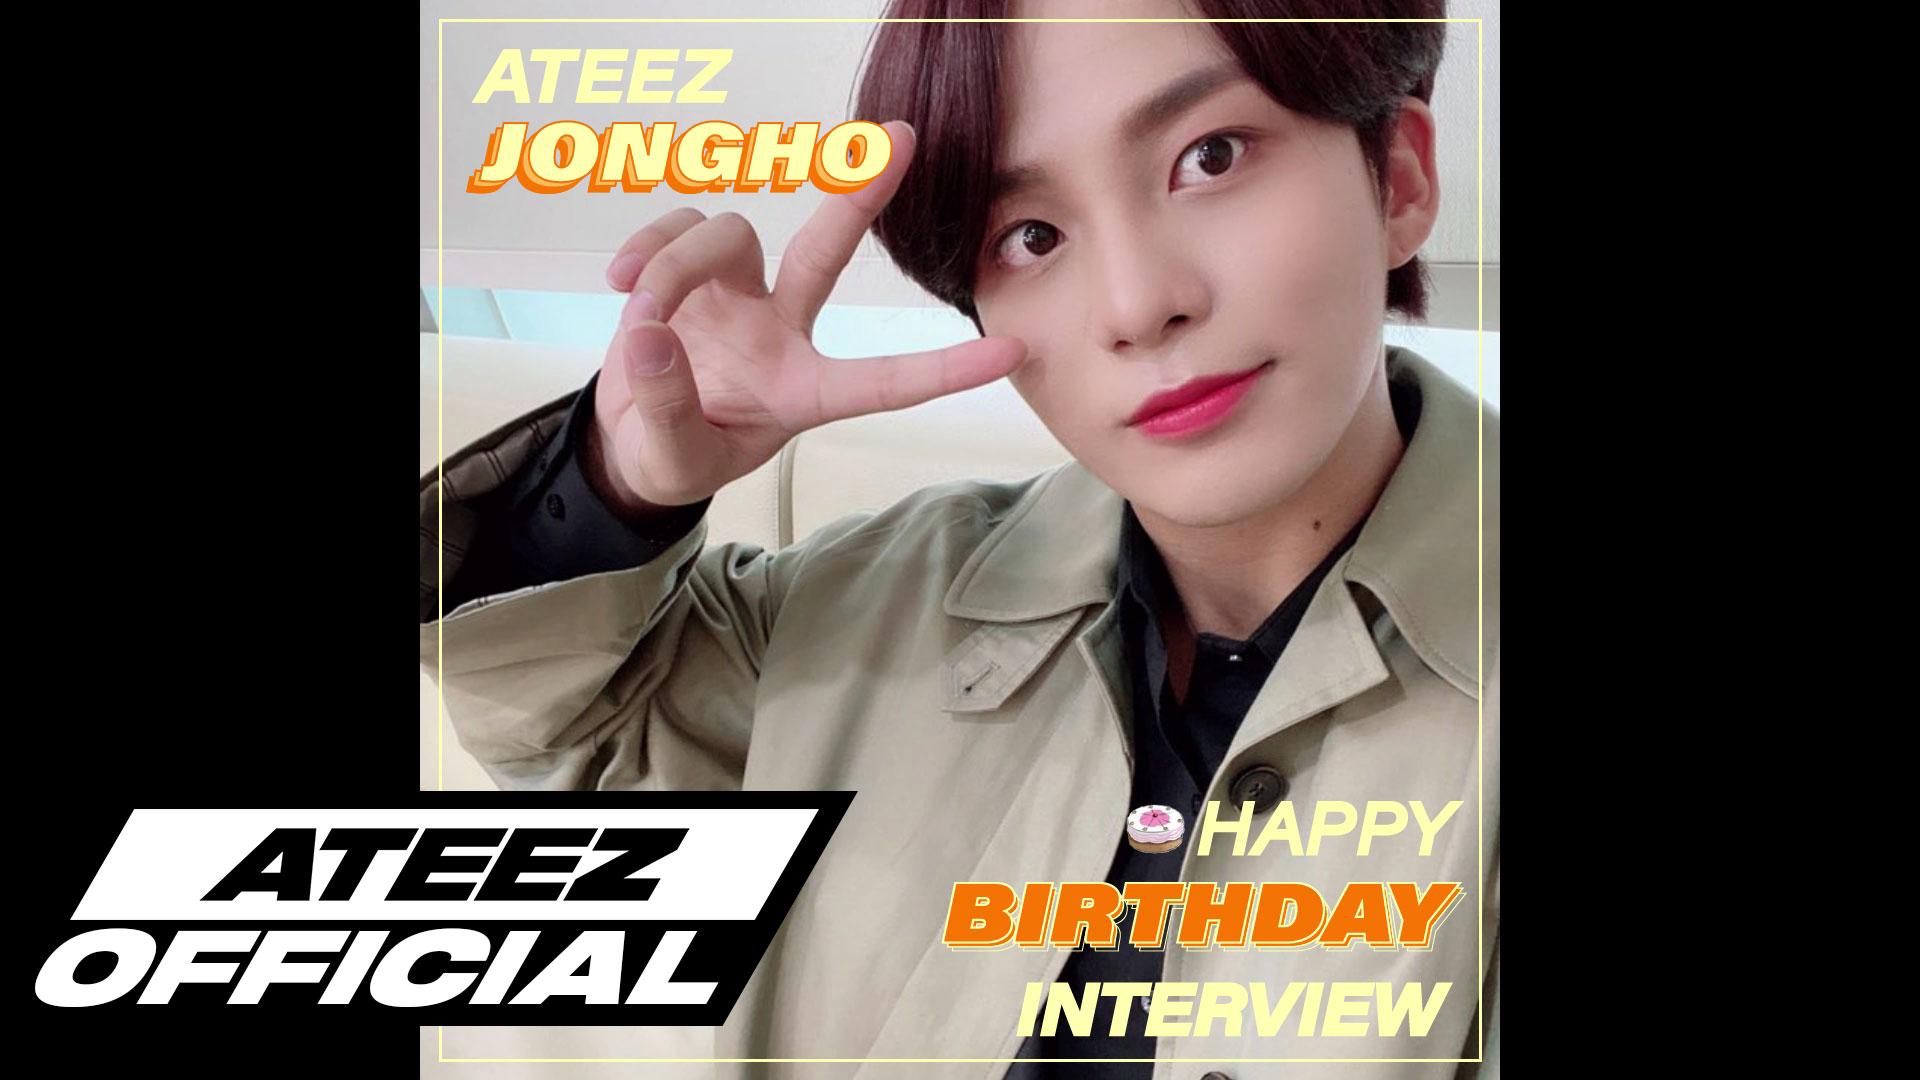 ATEEZ(에이티즈) 종호 생일 8문 8답 INTERVIEW